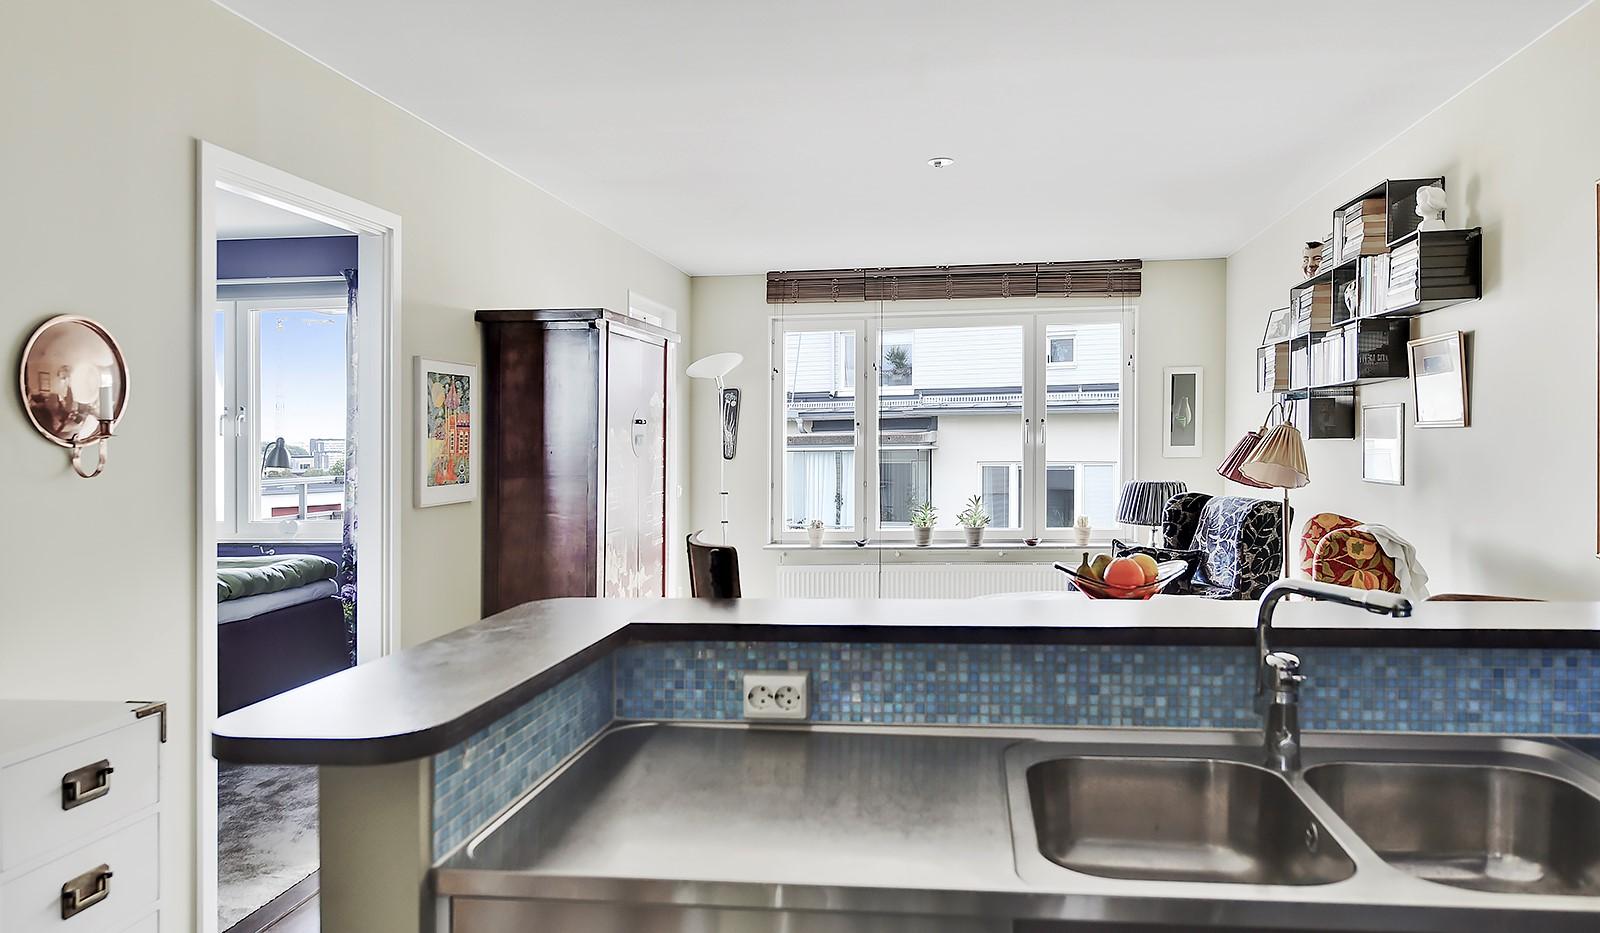 Hildebergsvägen 8, 5 tr - Öppen planlösning mellan kök och vardagsrum